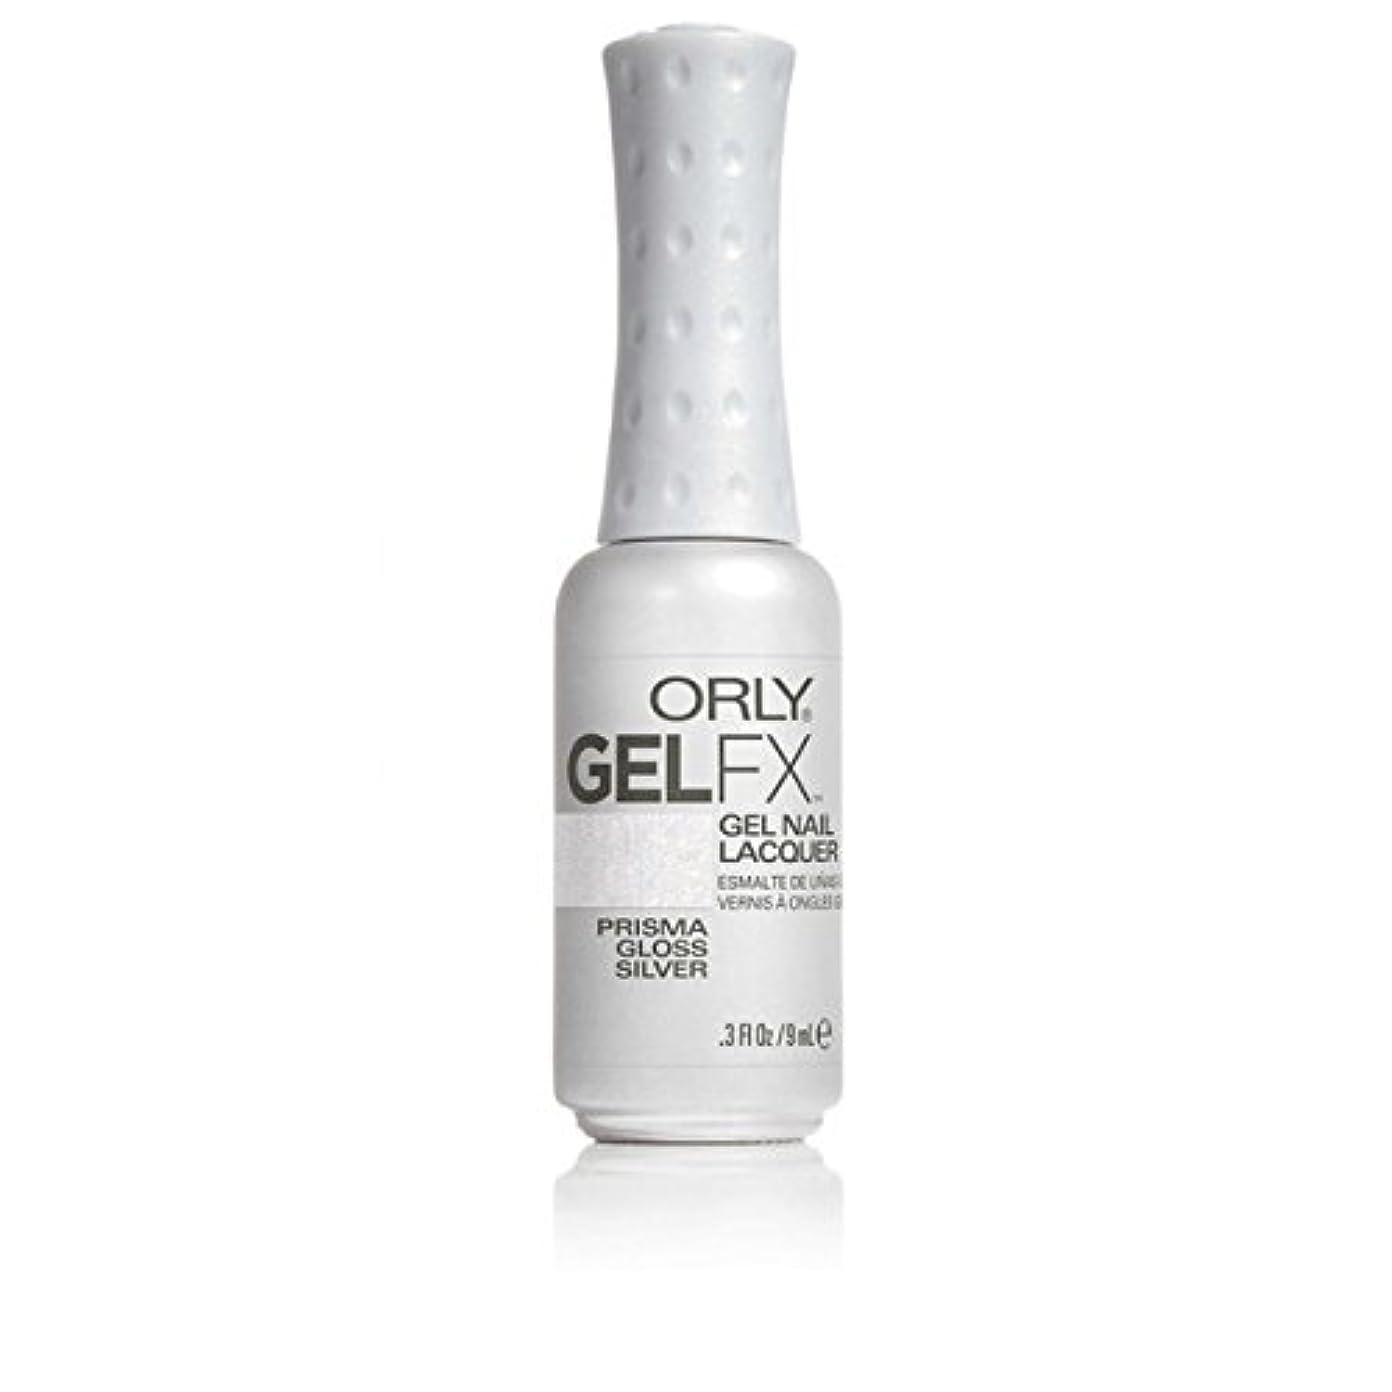 怒りチャップ再生的ORLY(オーリー)ジェルFXジェルネイルラッカー 9ml プリズマグロスシルバー#30708